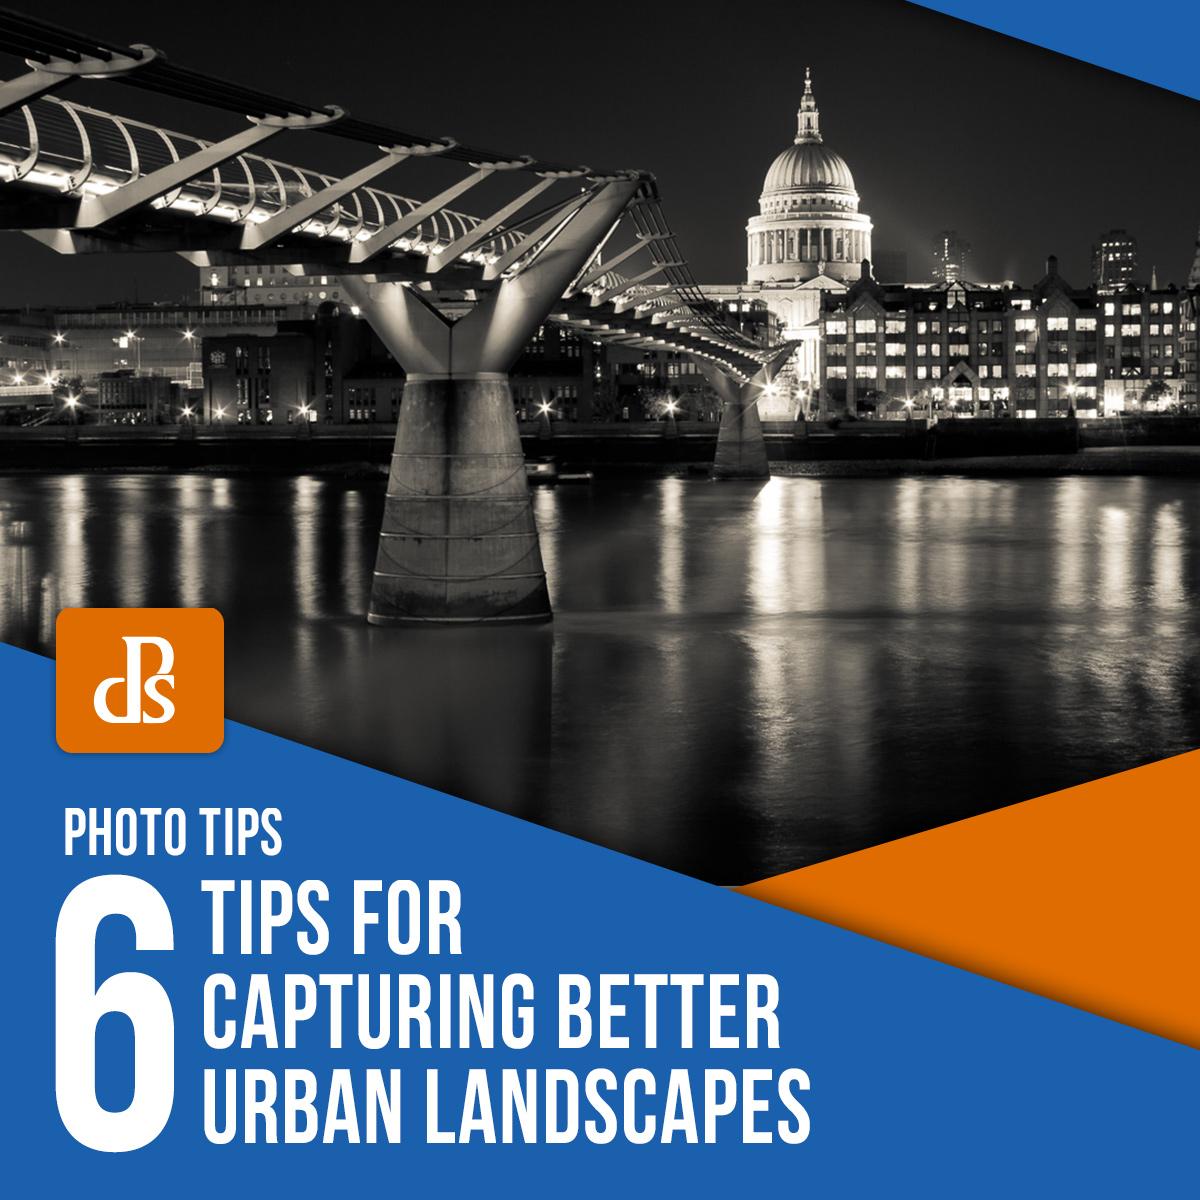 Tips for Better Urban Landscapes